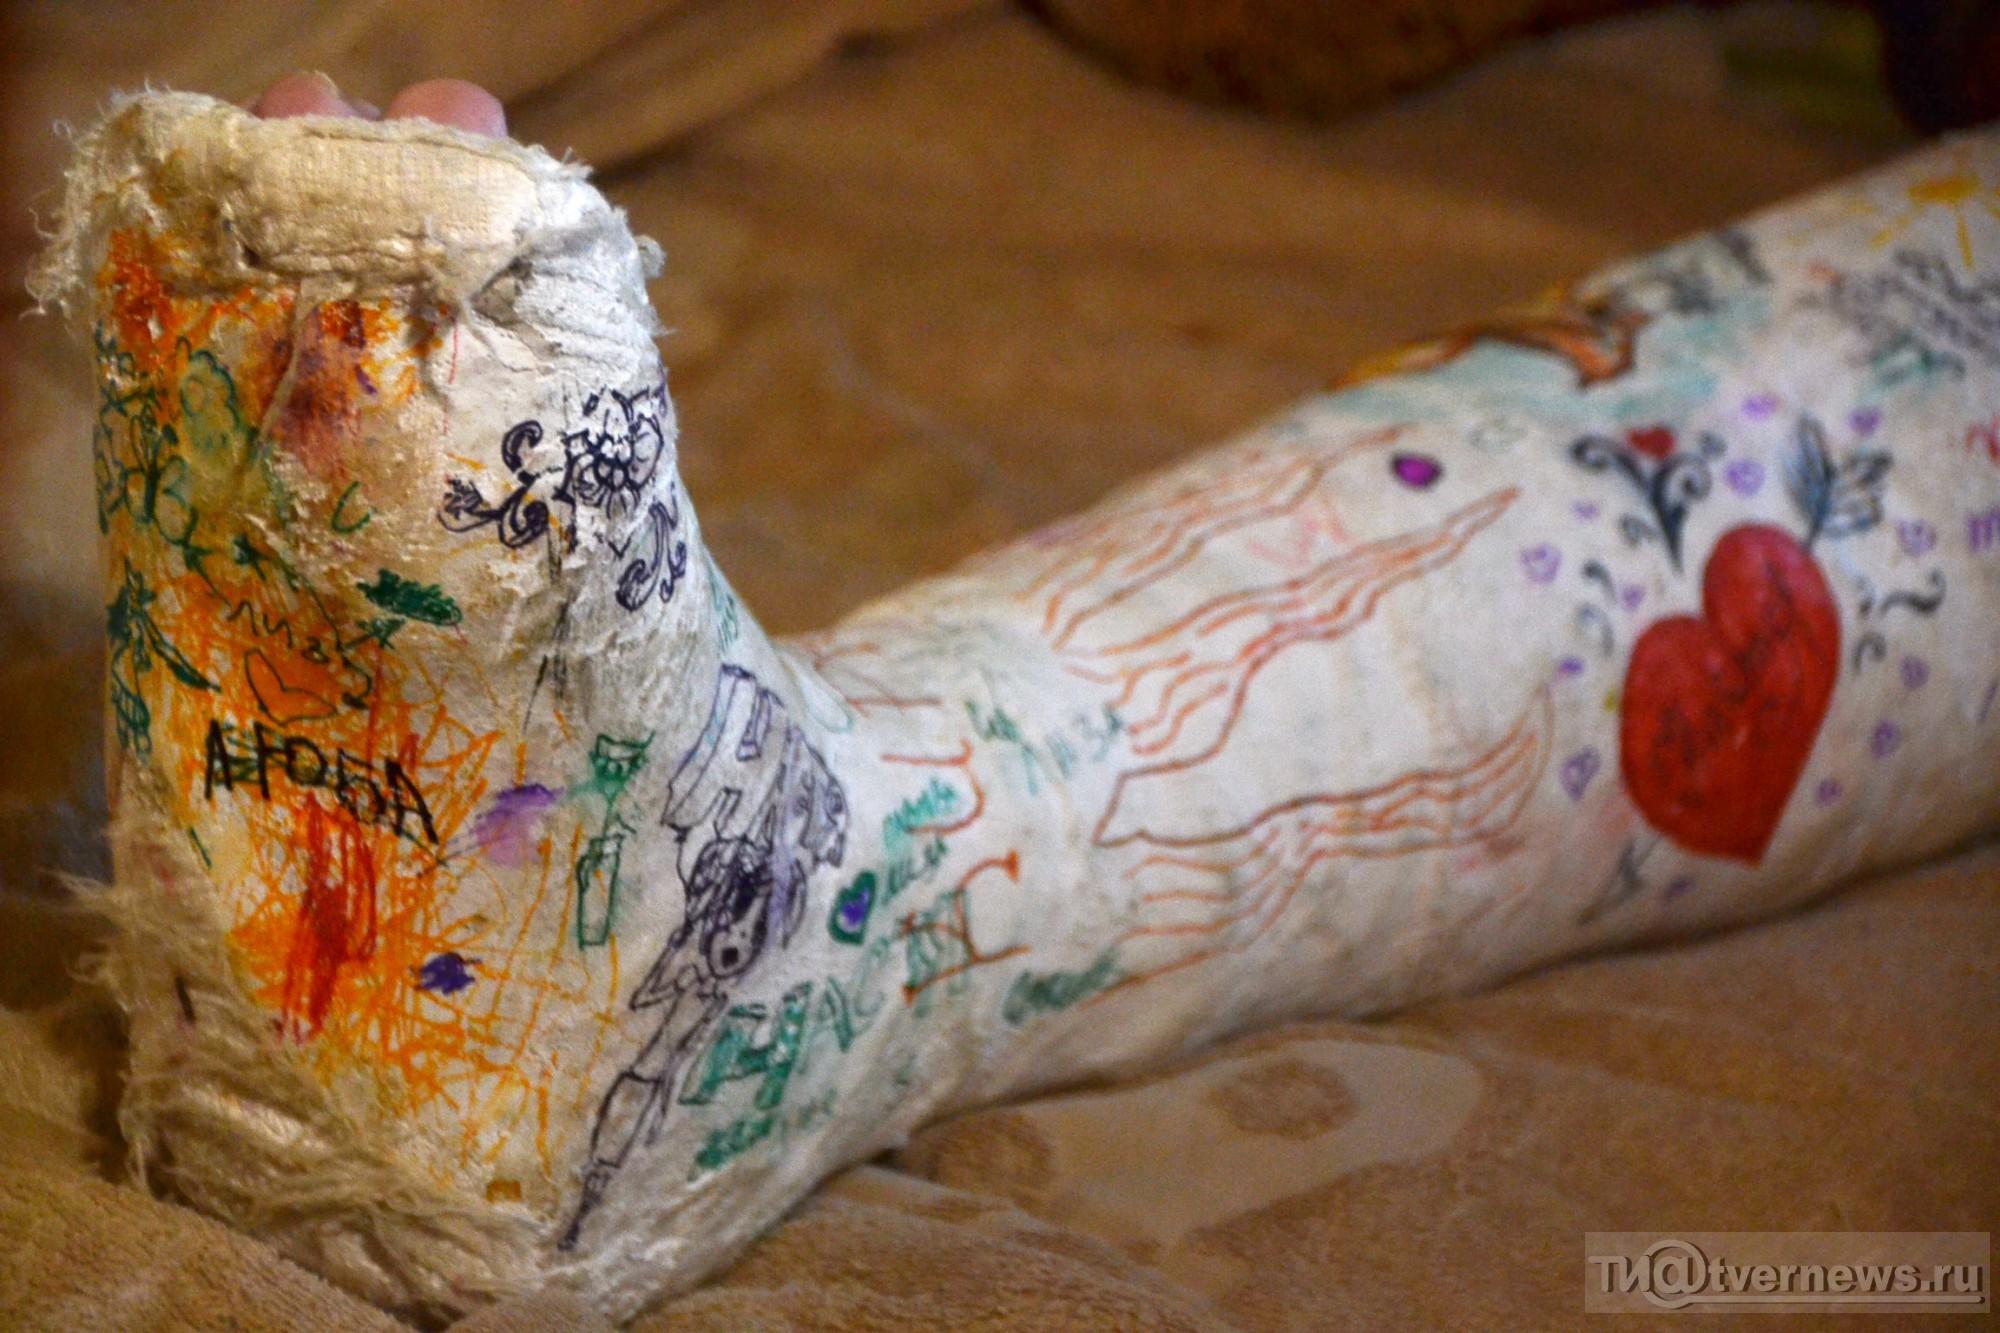 Смешные картинки нога в гипсе